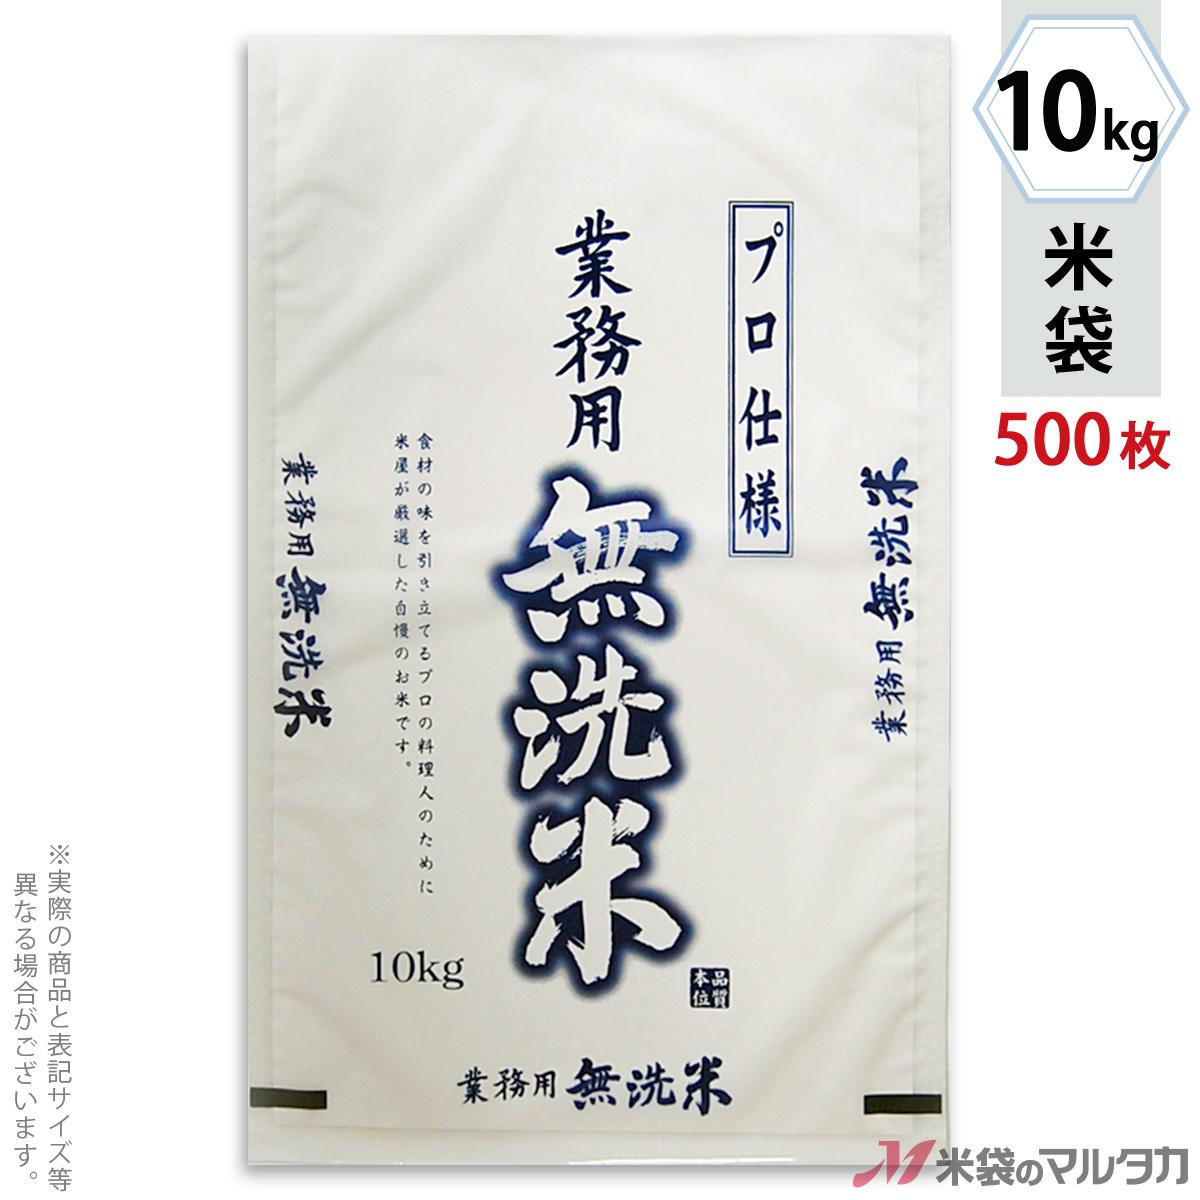 米袋 ポリポリ ネオブレス 業務用無洗米 和紙調 プロ仕様 10kg 1ケース(500枚入) MP-5902